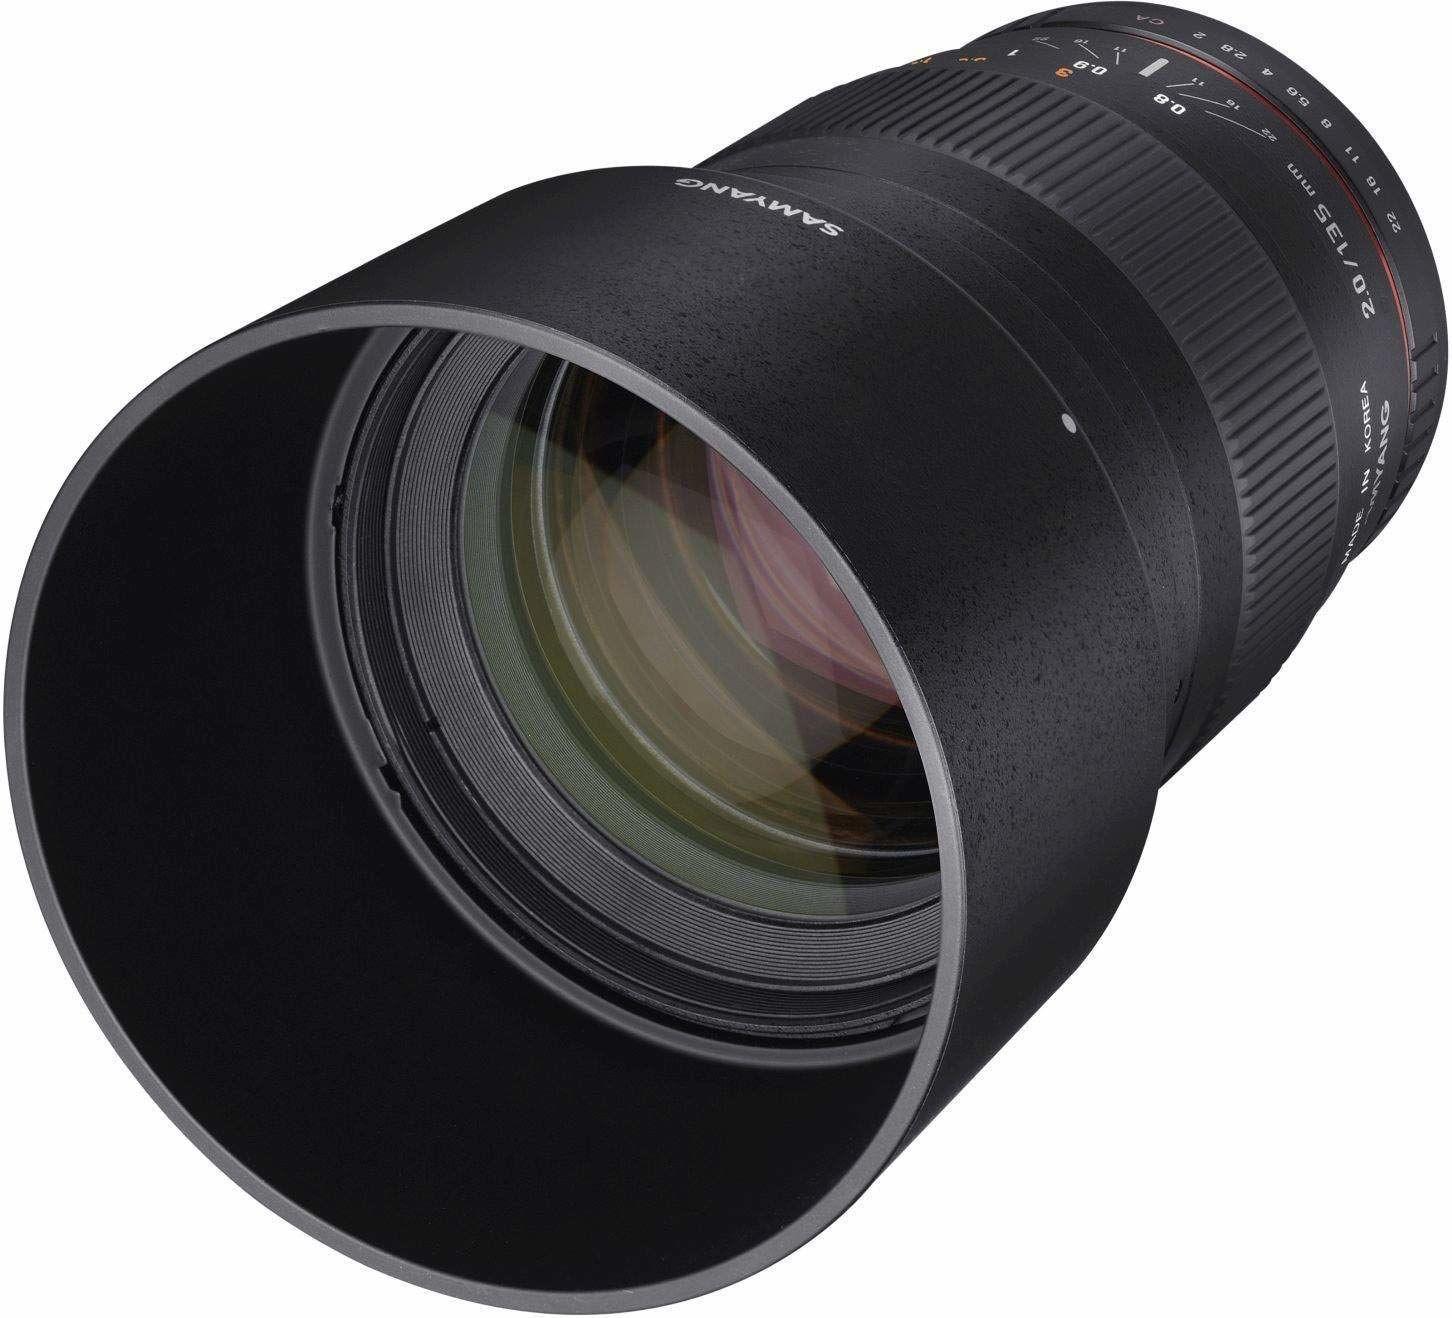 Samyang obiektyw 135 mm, F2.0, Canon EOS, czarny